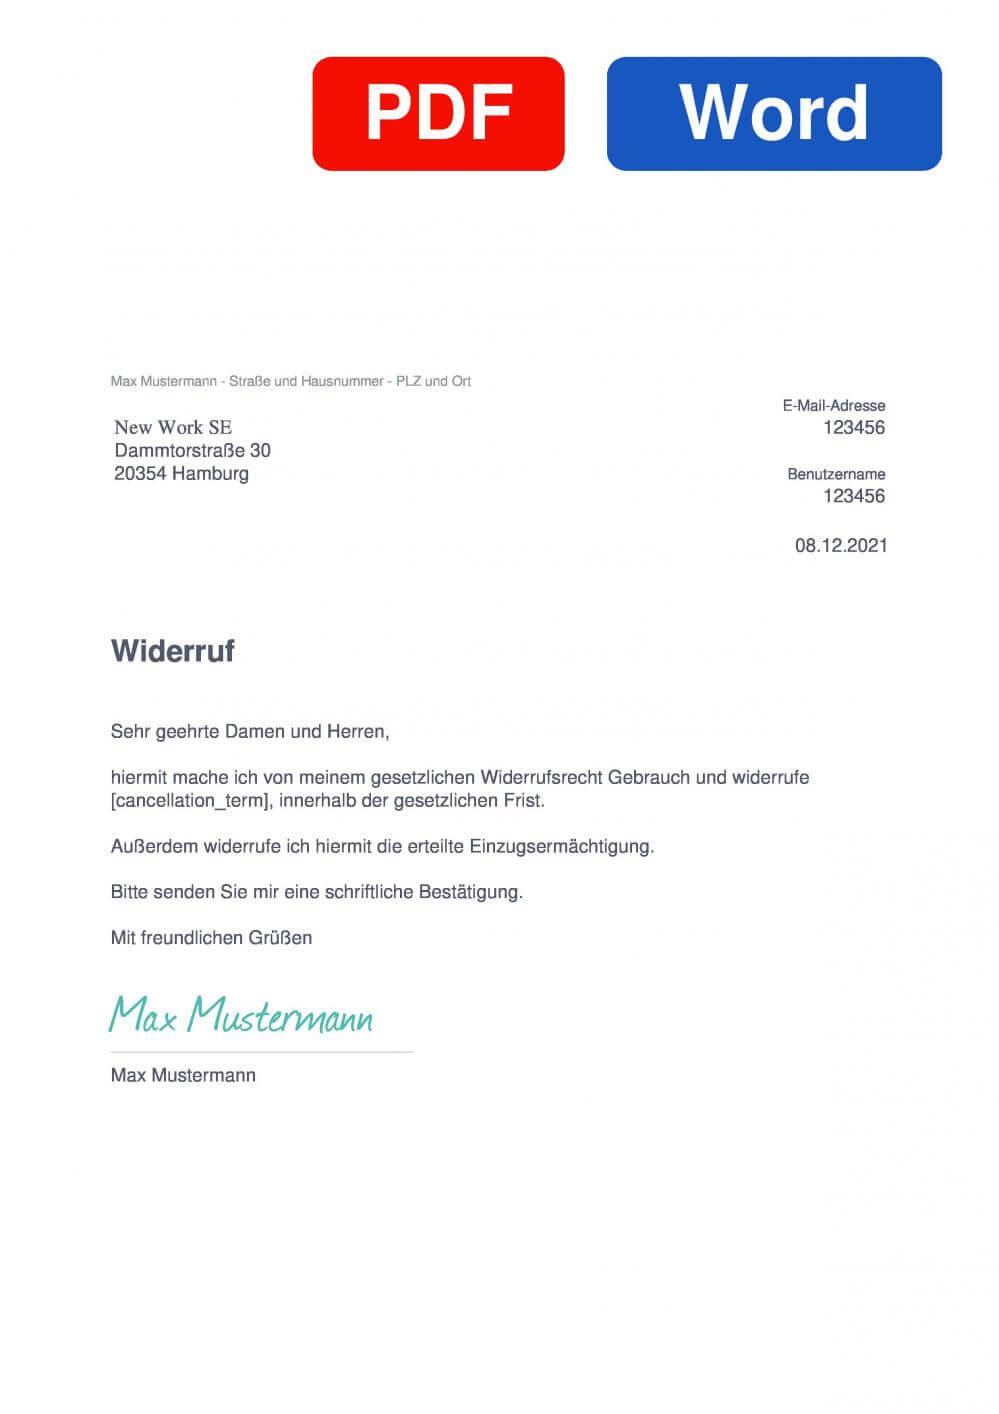 XING ProJobs Muster Vorlage für Wiederrufsschreiben